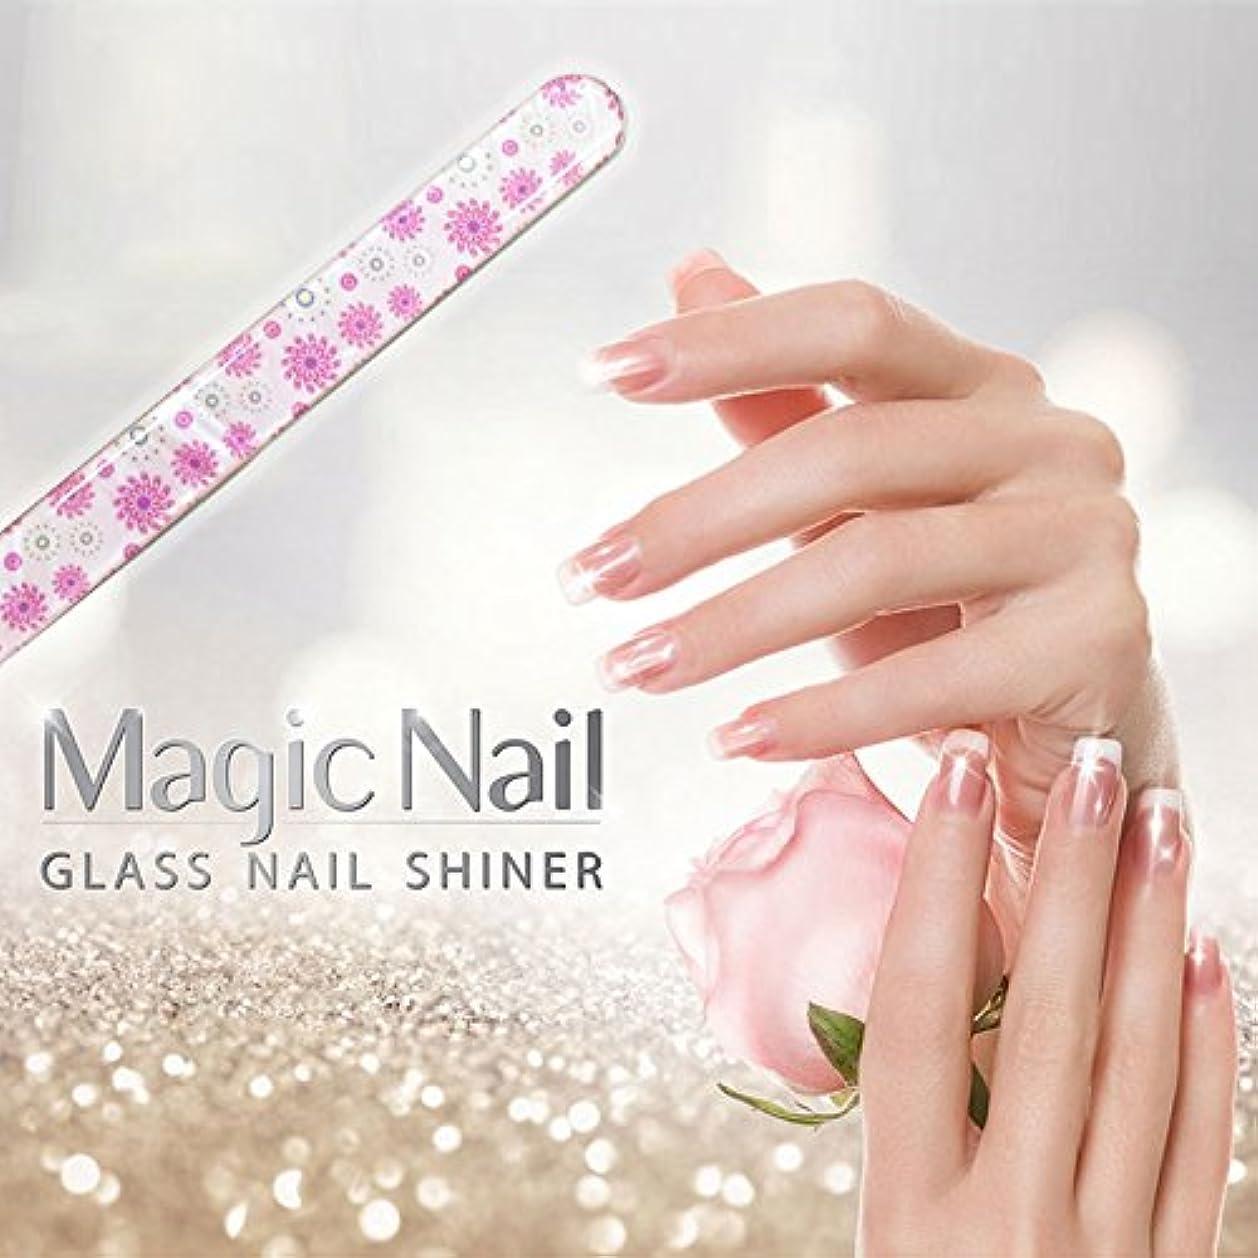 恥ずかしさ振りかける一貫性のないエッサンテ(Essante) マジックネイル magic nail マニキュアを塗ったようなツヤ、輝きが家で誰でも簡単に出来る glass nail shiner ガラスネイルシャイナー おしゃれなデザイン つめやすり ツメヤスリ バッファー